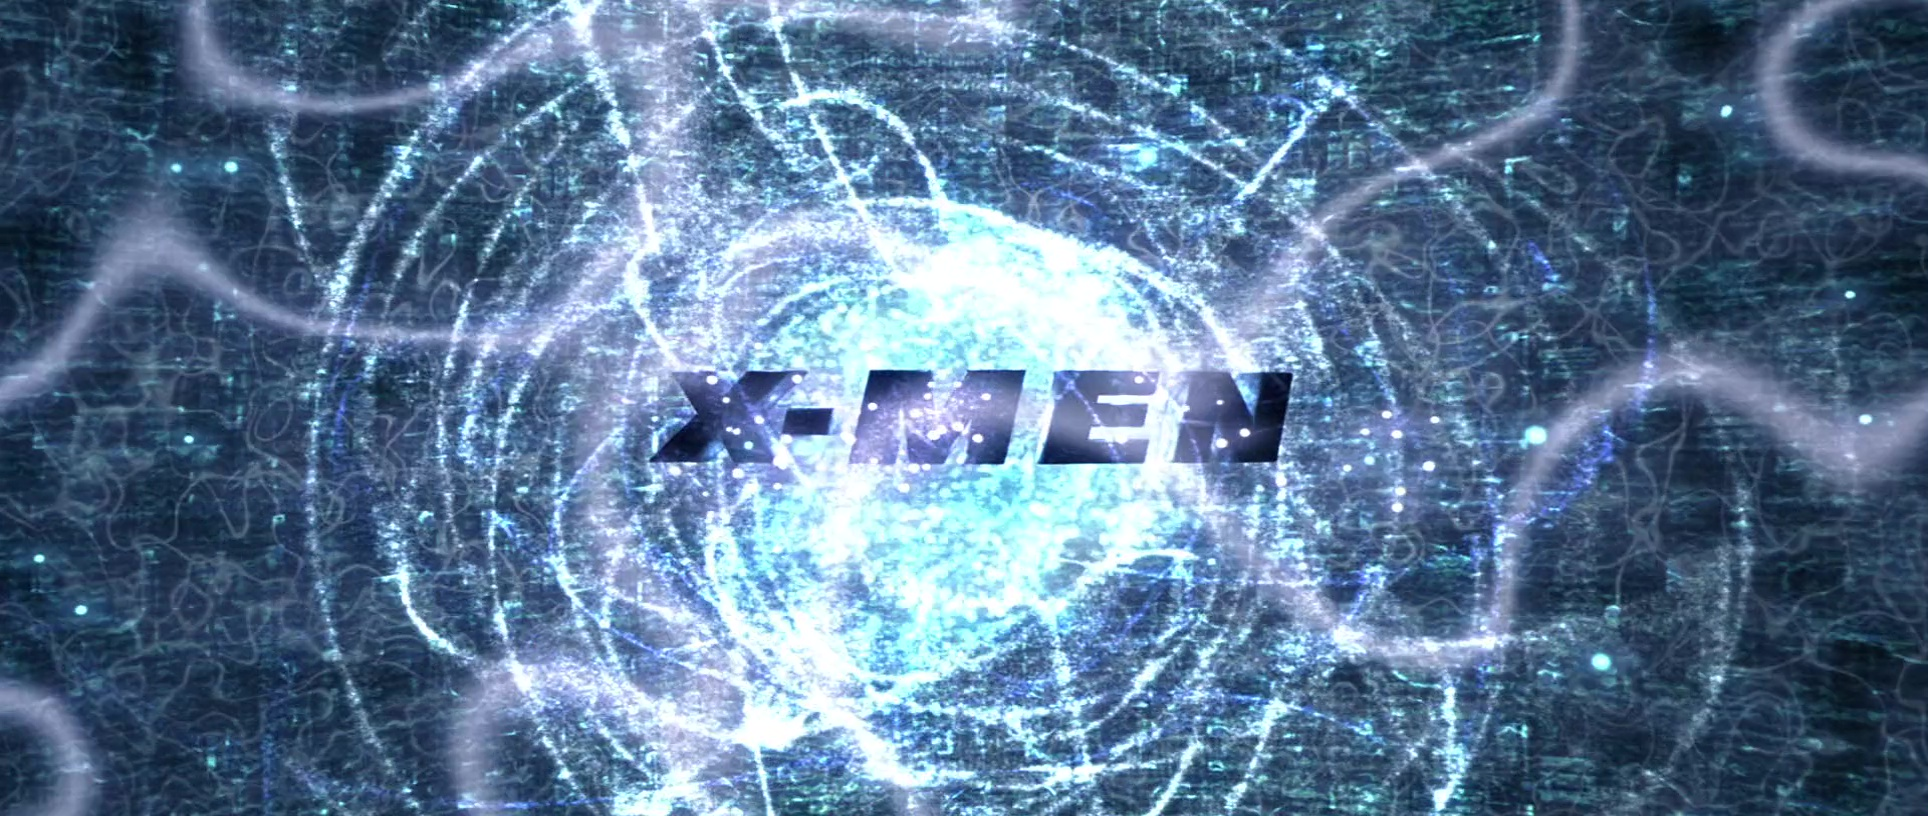 X-MEN de Bryan Singer (2000)